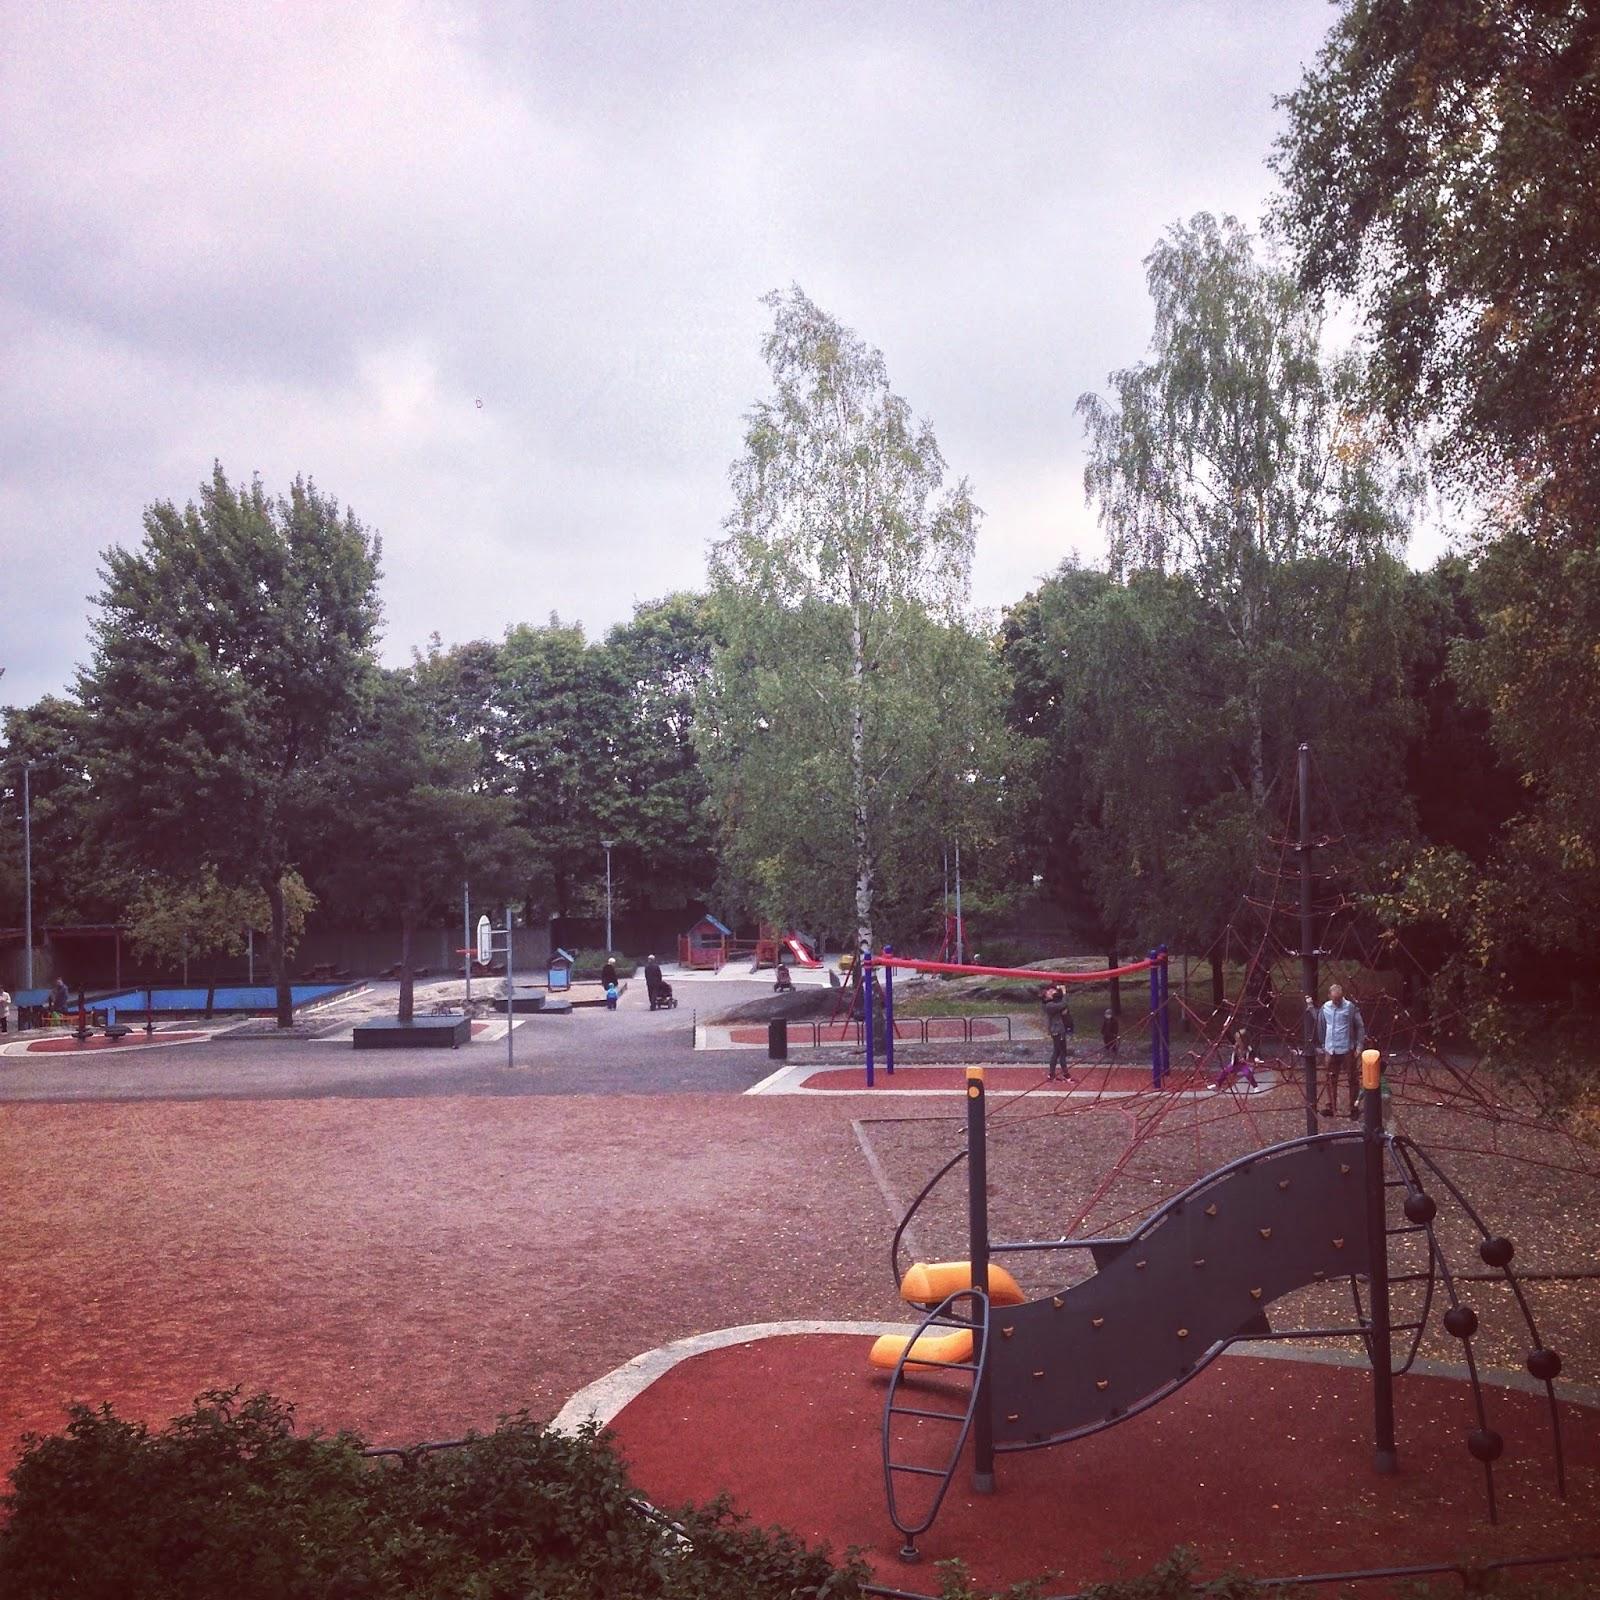 Lehdokki, Leikkipuisto, Pasila, Leikkipuisto Lehdokki, Böle, Lekpark